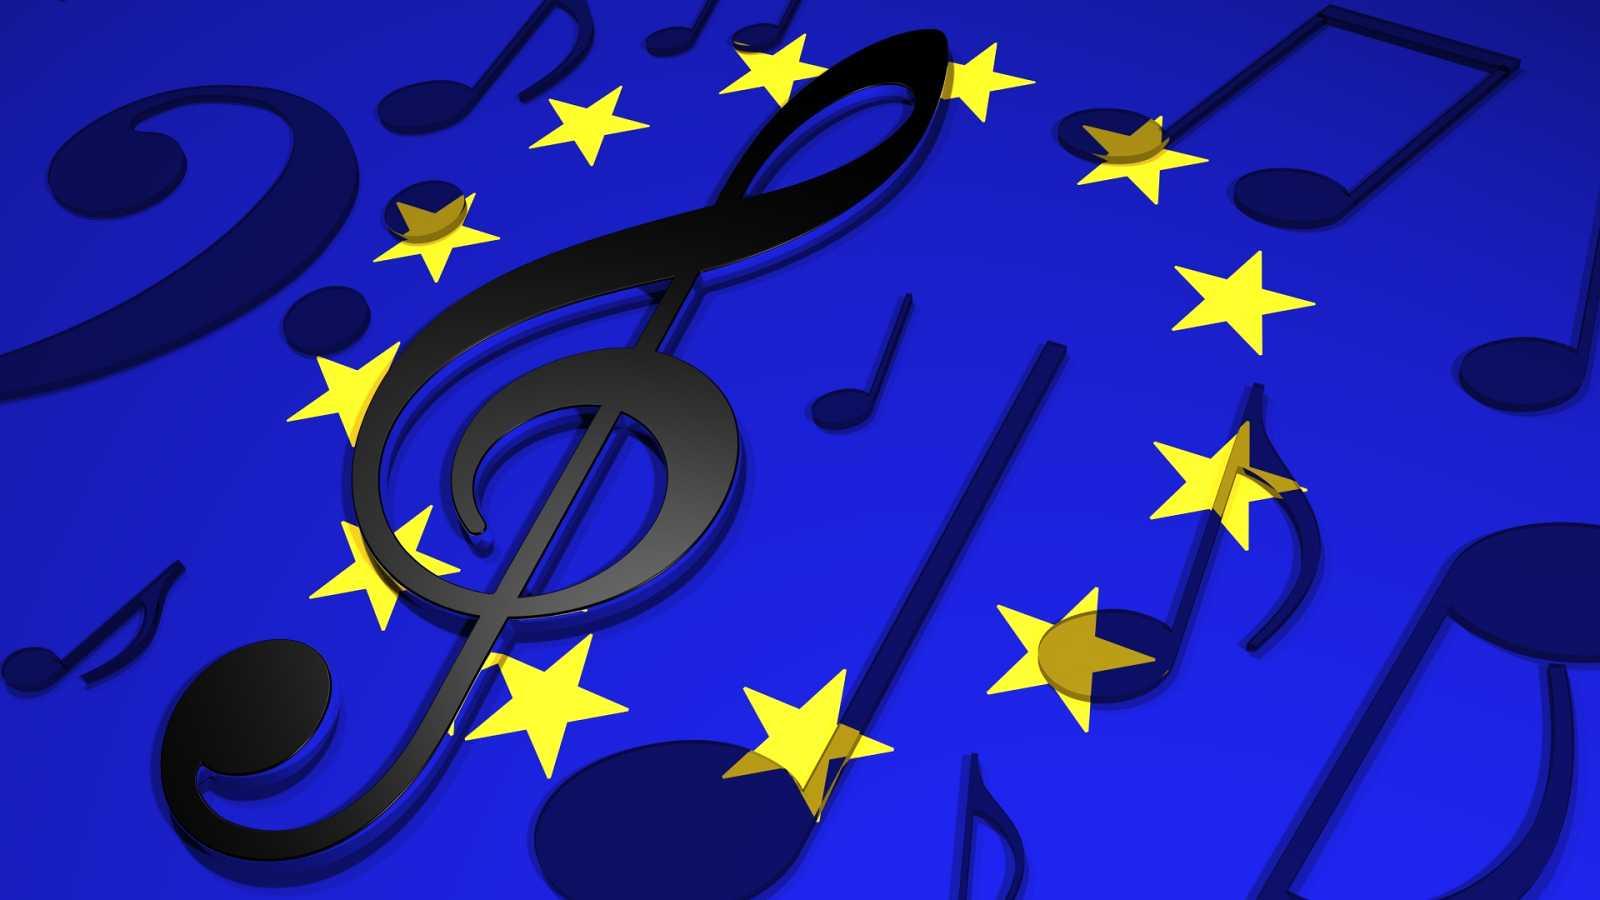 Cinco pistas - Eurovisión - 14/05/21 - Escuchar ahora